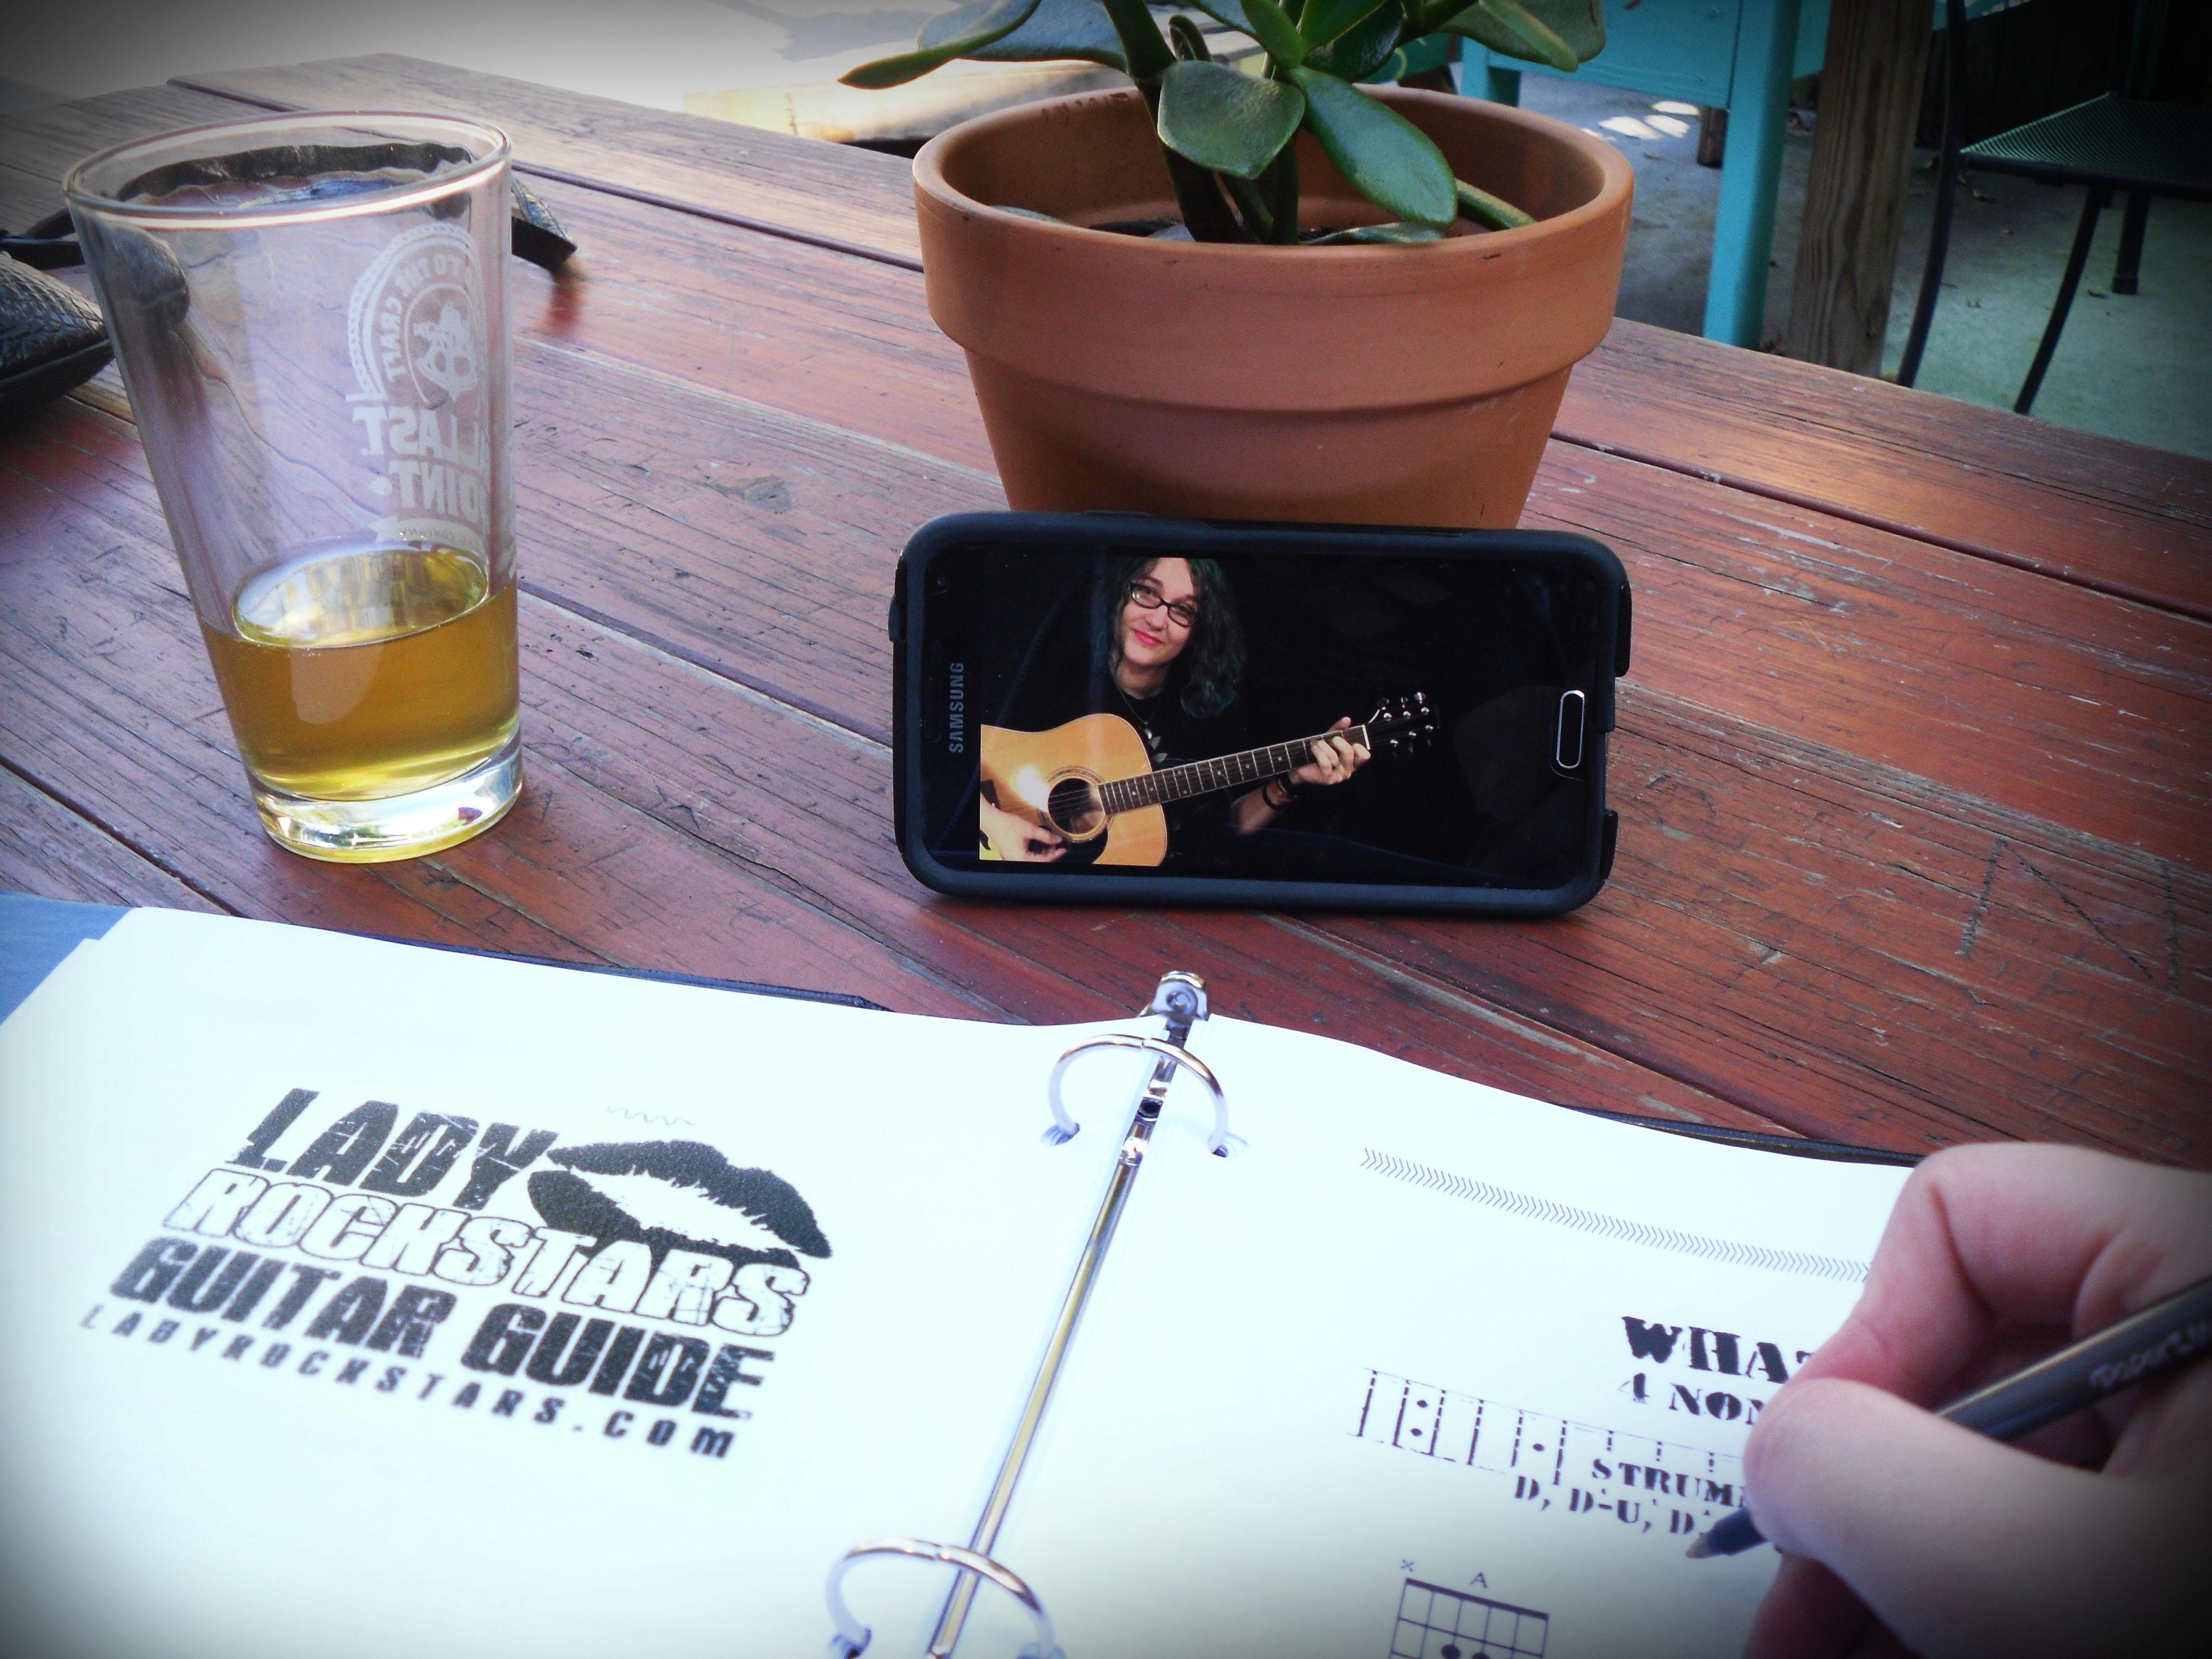 Binder, Beer, Youtube